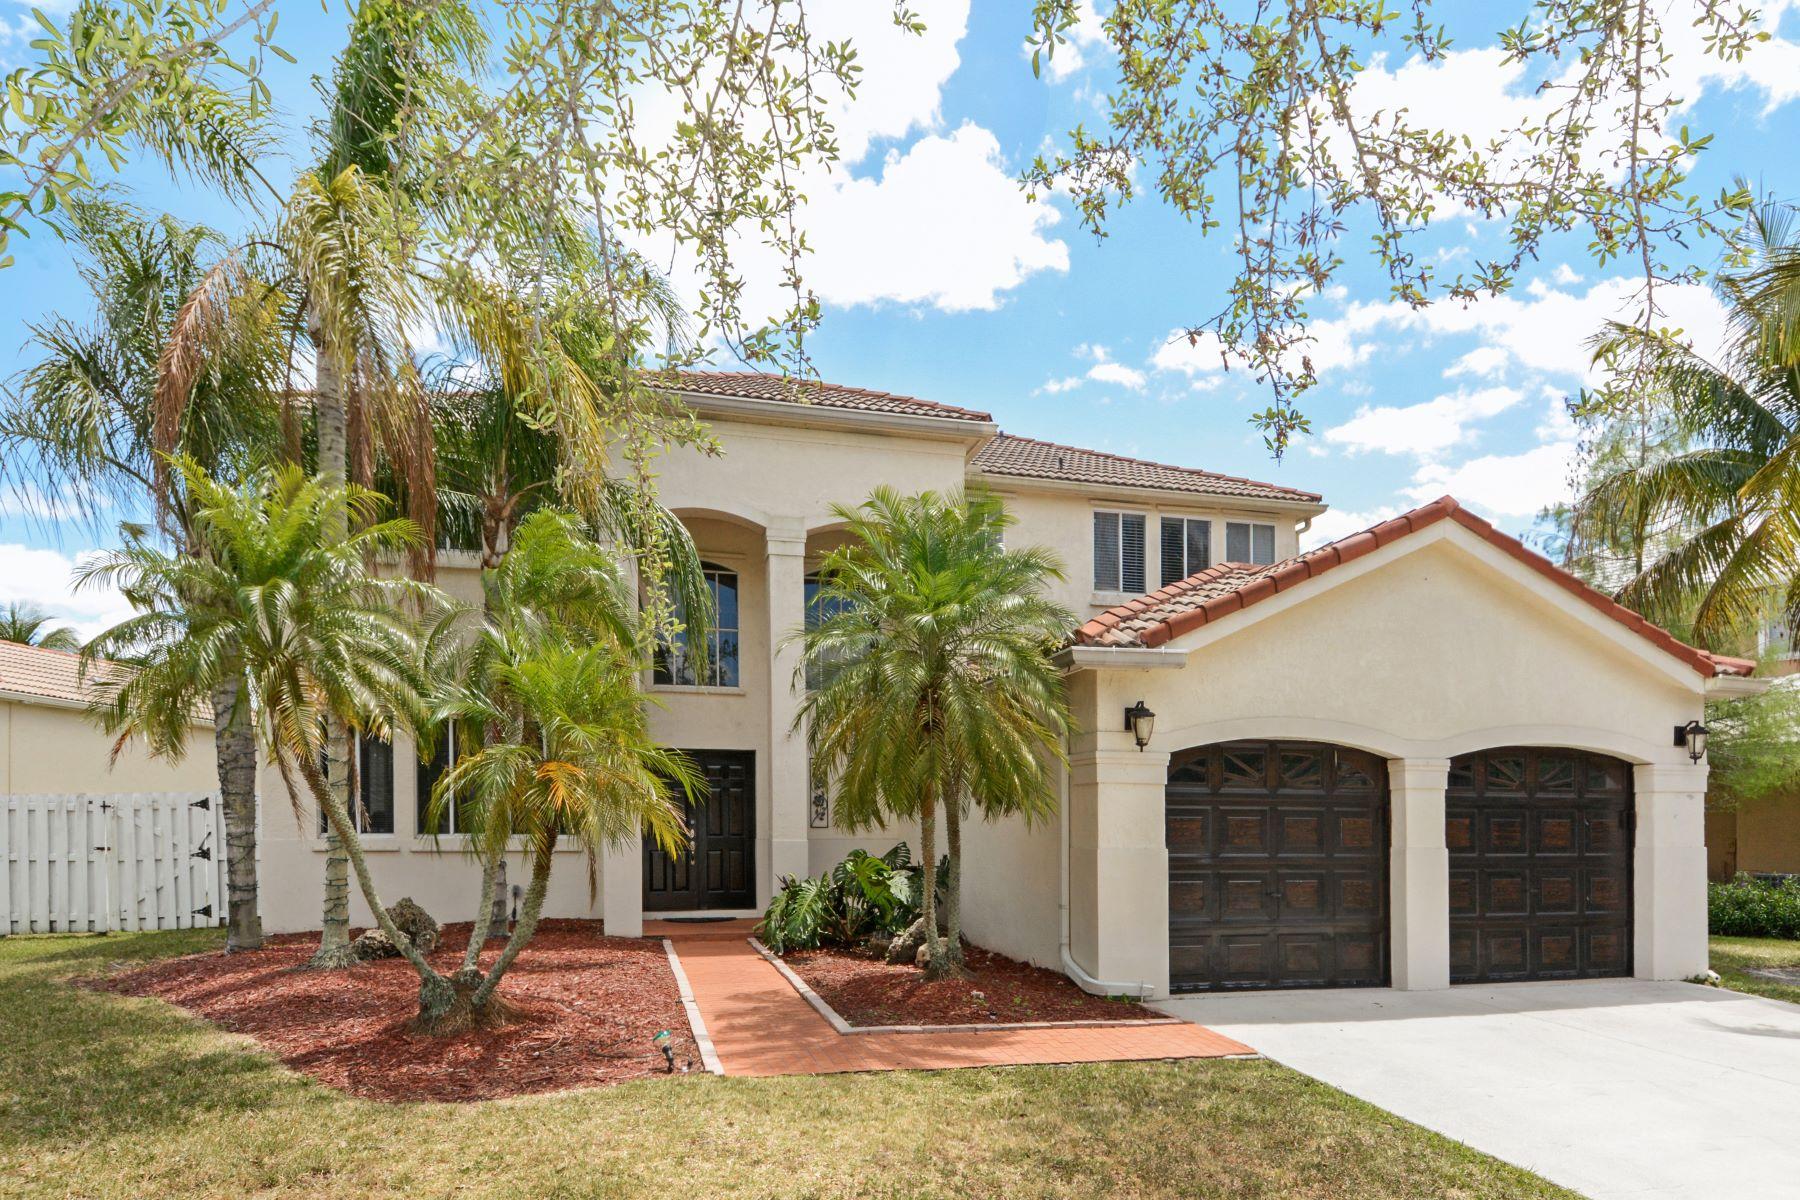 Частный односемейный дом для того Продажа на 843 Heritage Dr Weston, Флорида, 33326 Соединенные Штаты